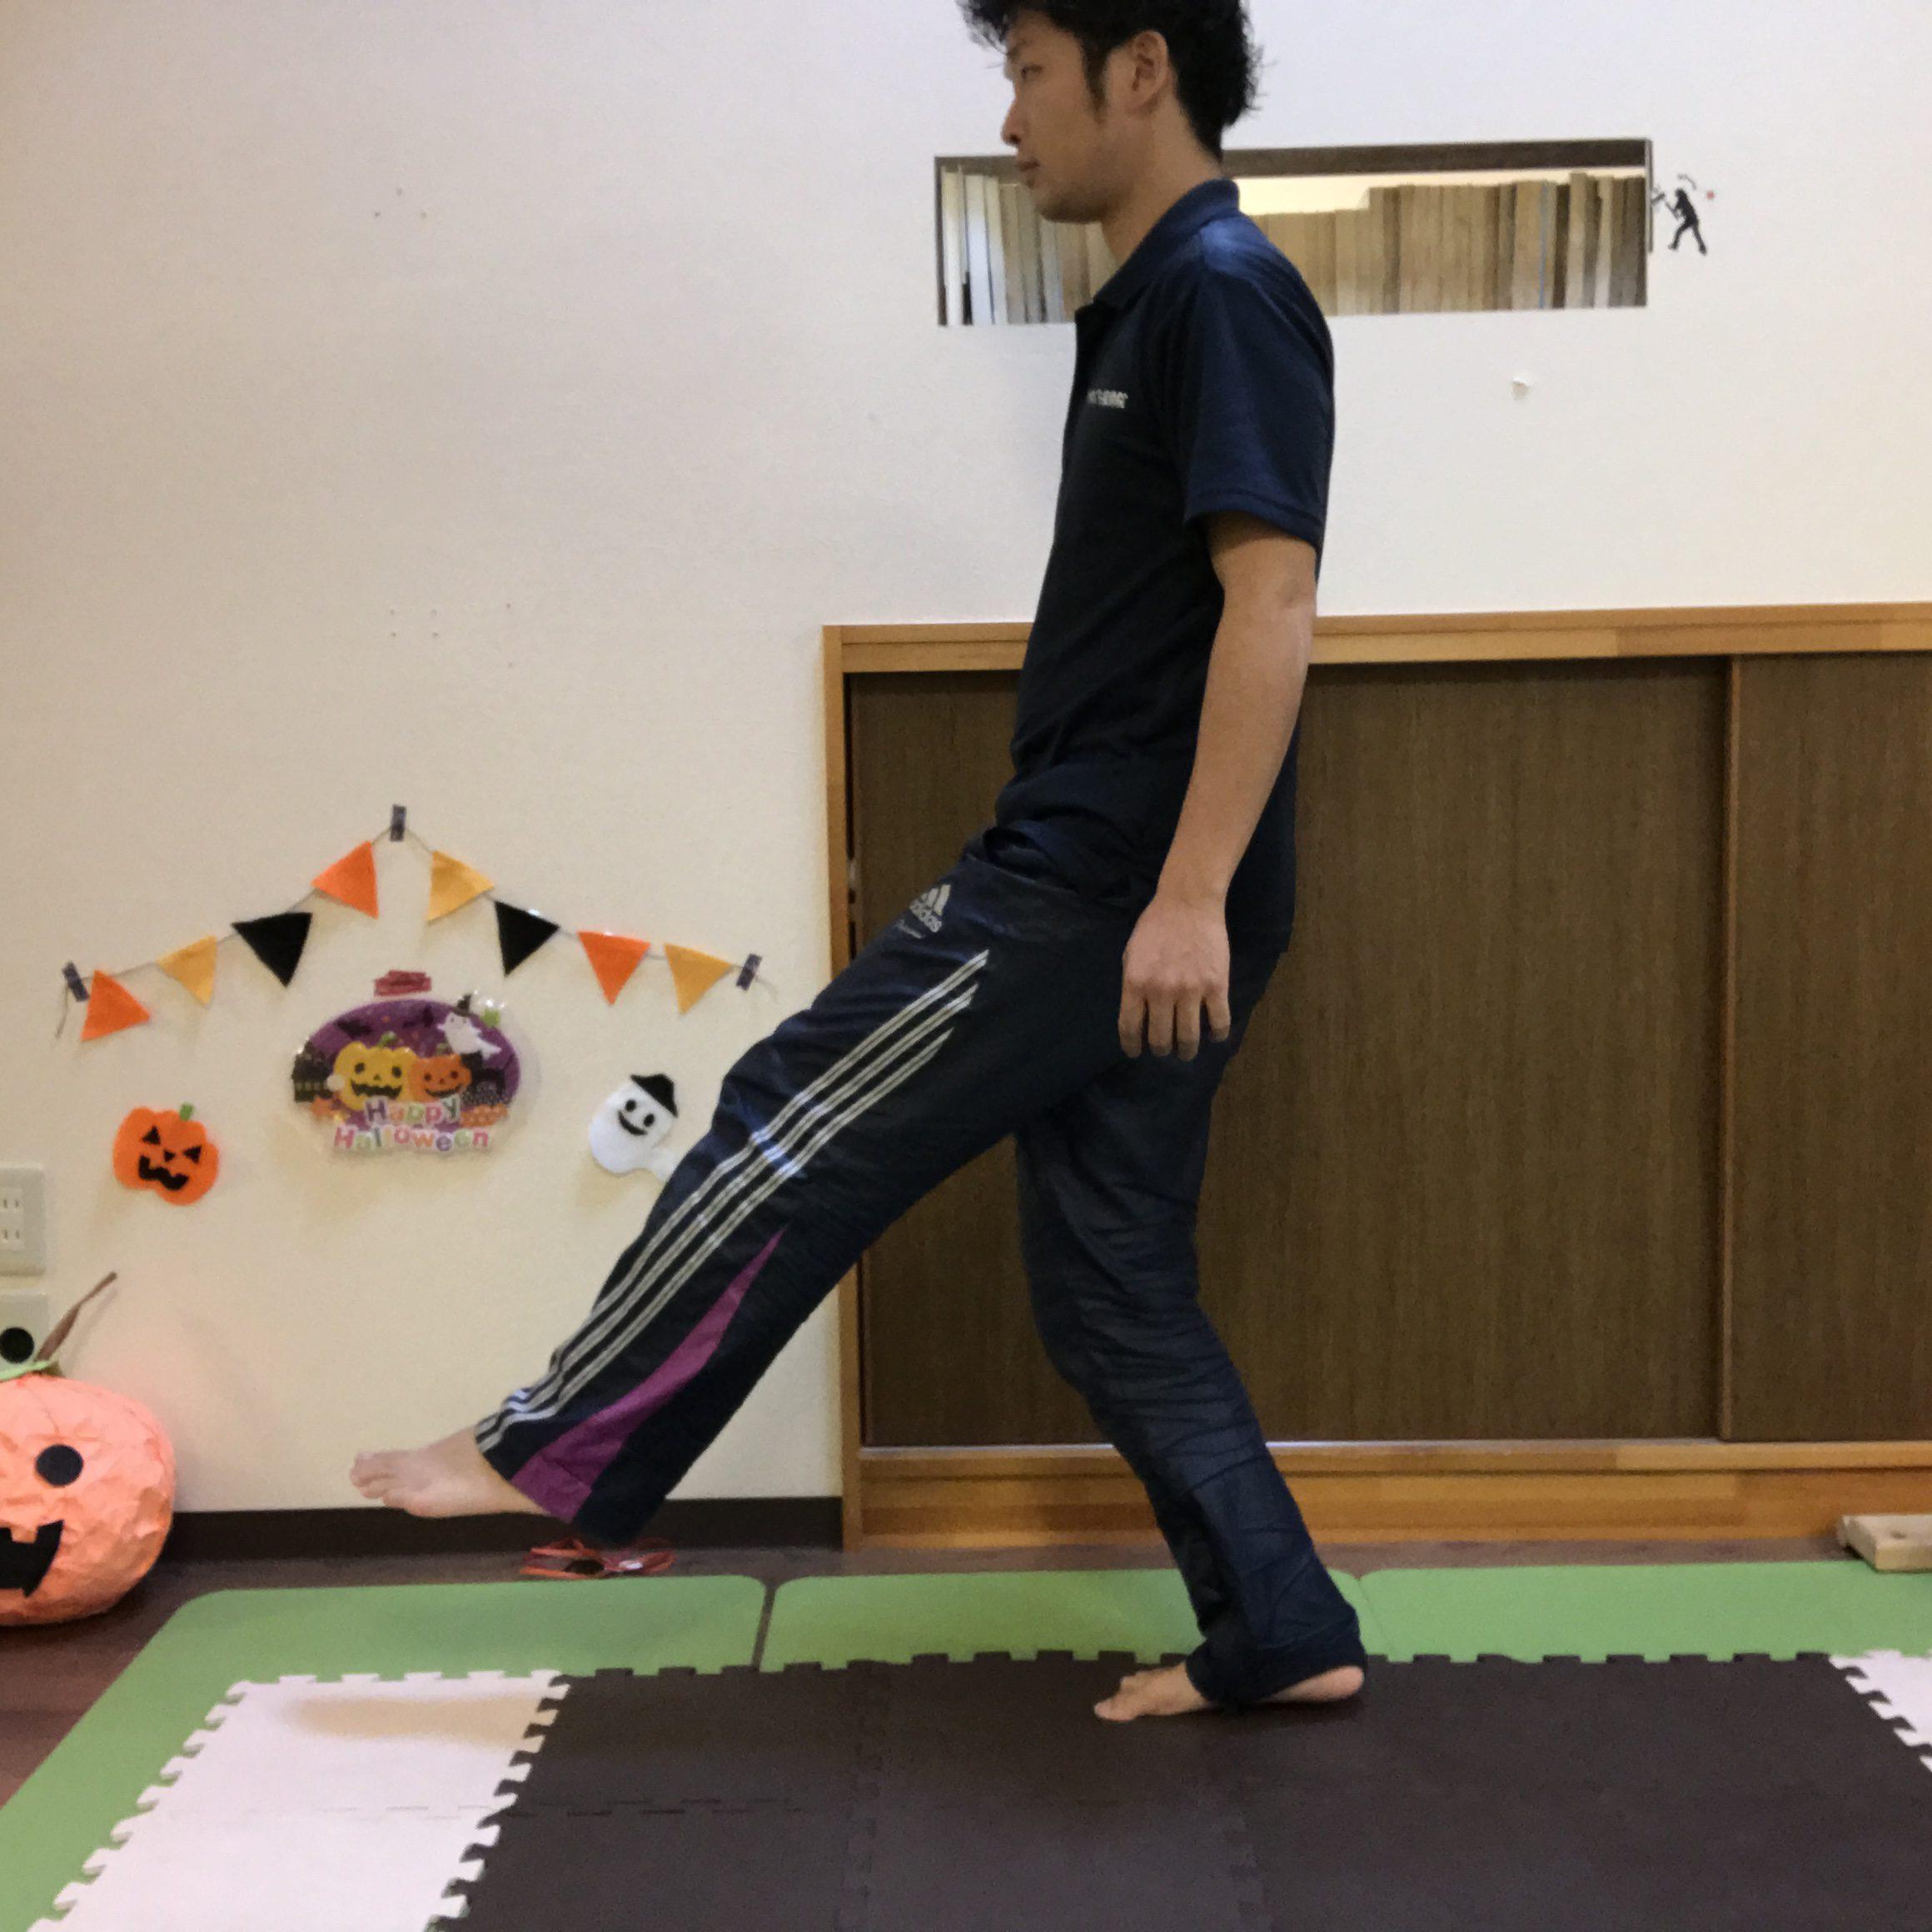 引き上げた足を前に大きく踏み出す。踏み出した方の太ももに効いてればOK!